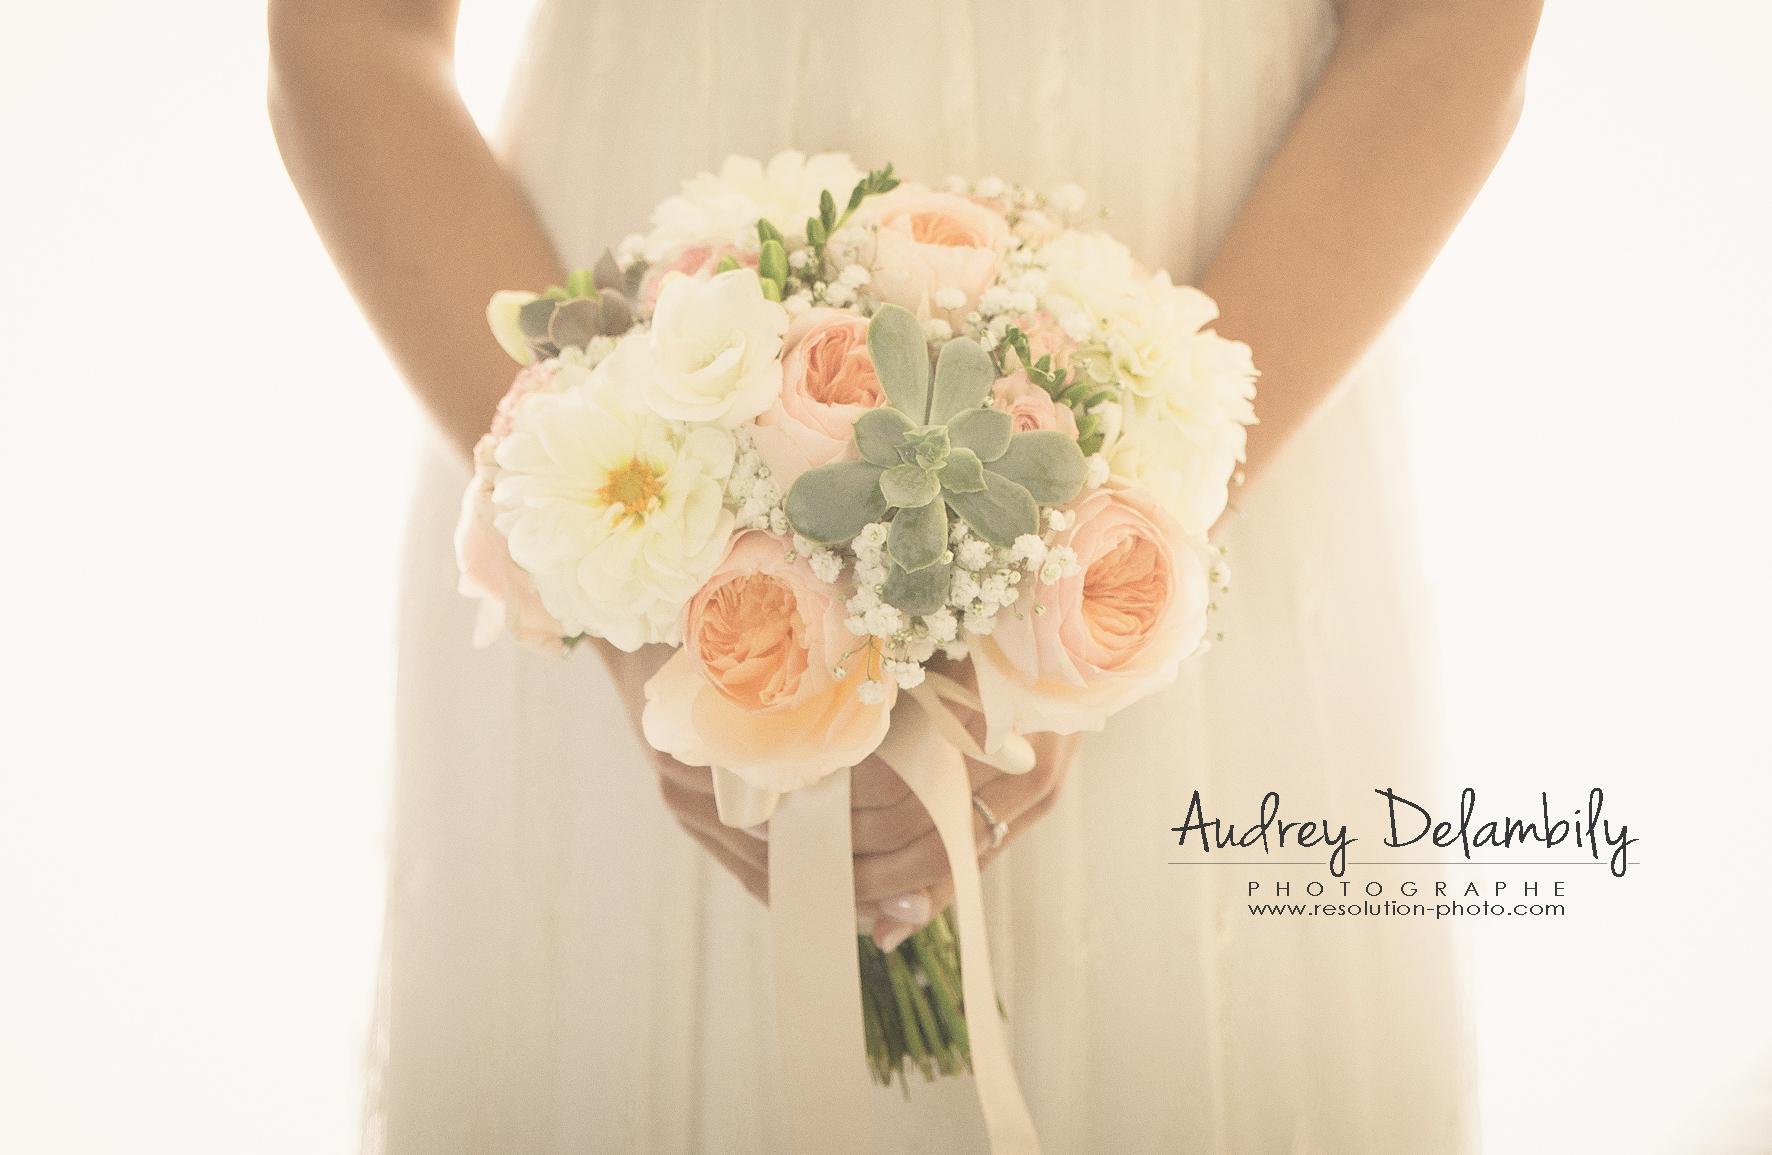 bouquet-mariee-photographe-mariage-var-toulon-hyeres-audrey-delambily